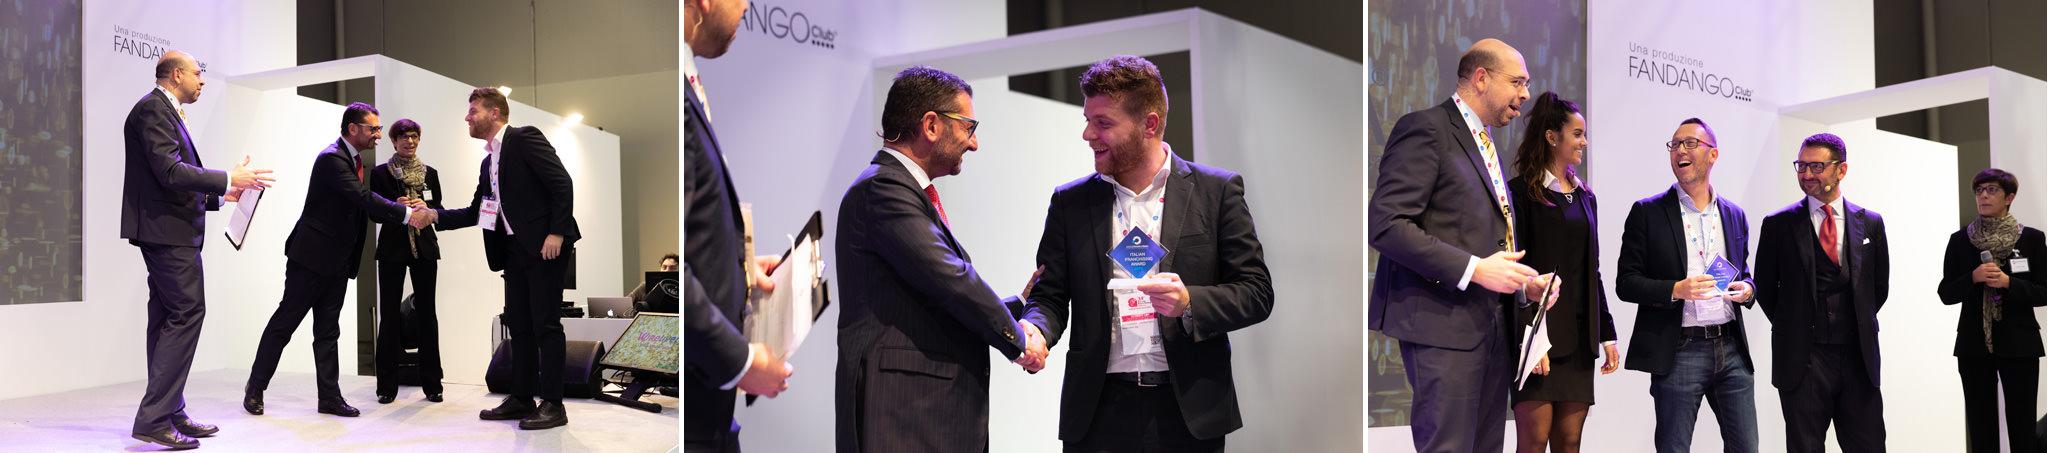 La giuria si congratula con i vincitori dell'edizione Assofranchising 2019